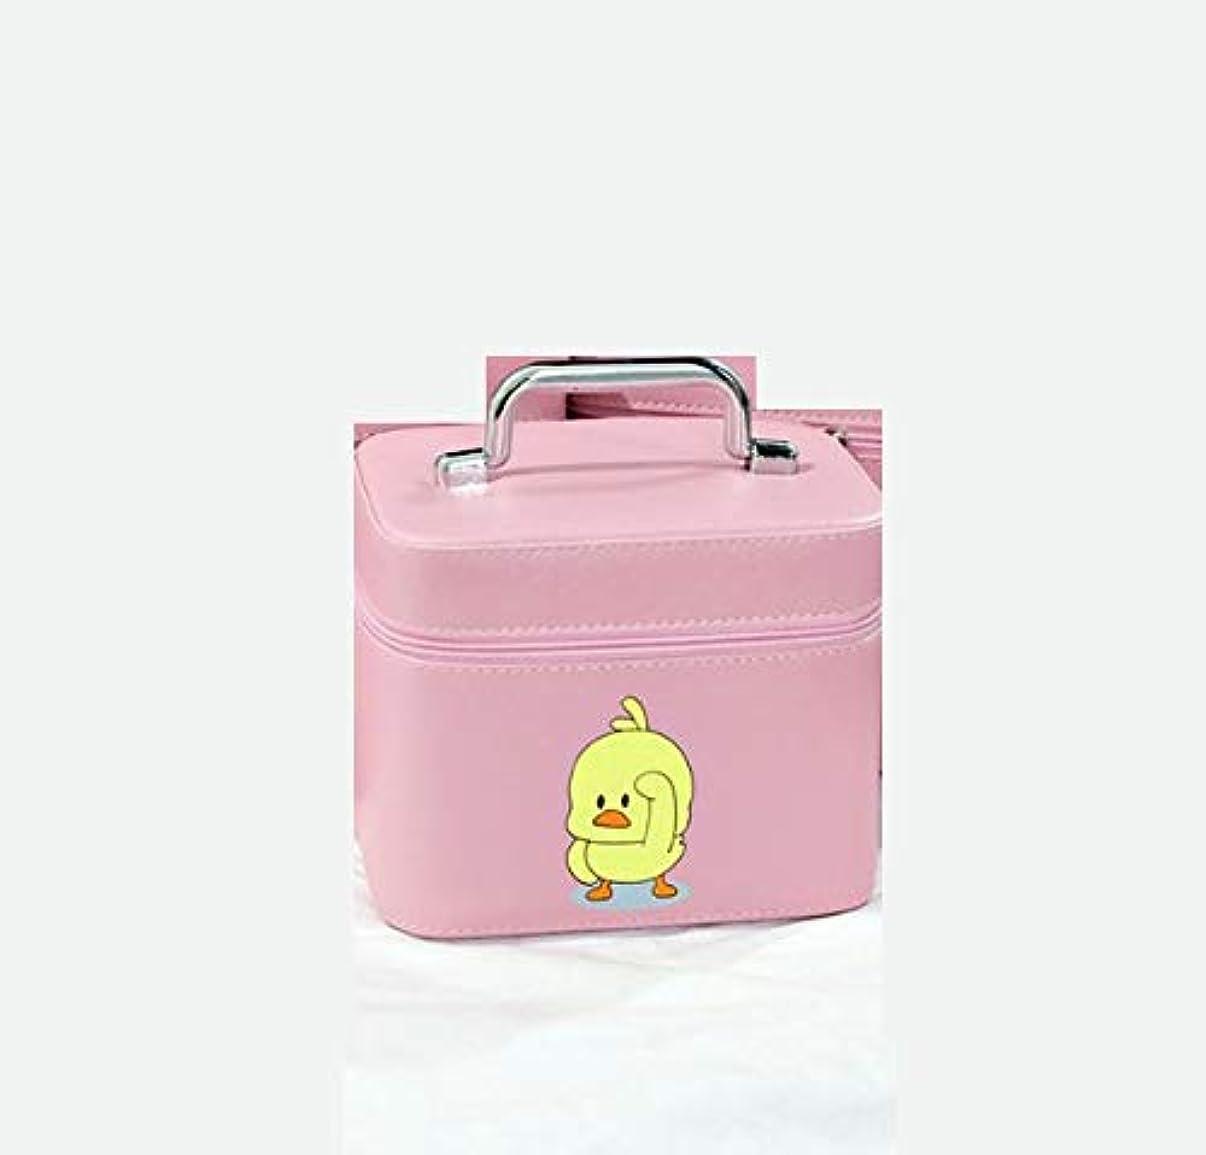 設置翻訳する句読点化粧箱、大容量漫画アヒル化粧品ケース、ポータブル旅行化粧品ケース、美容ネイルジュエリー収納ボックス (Size : M)